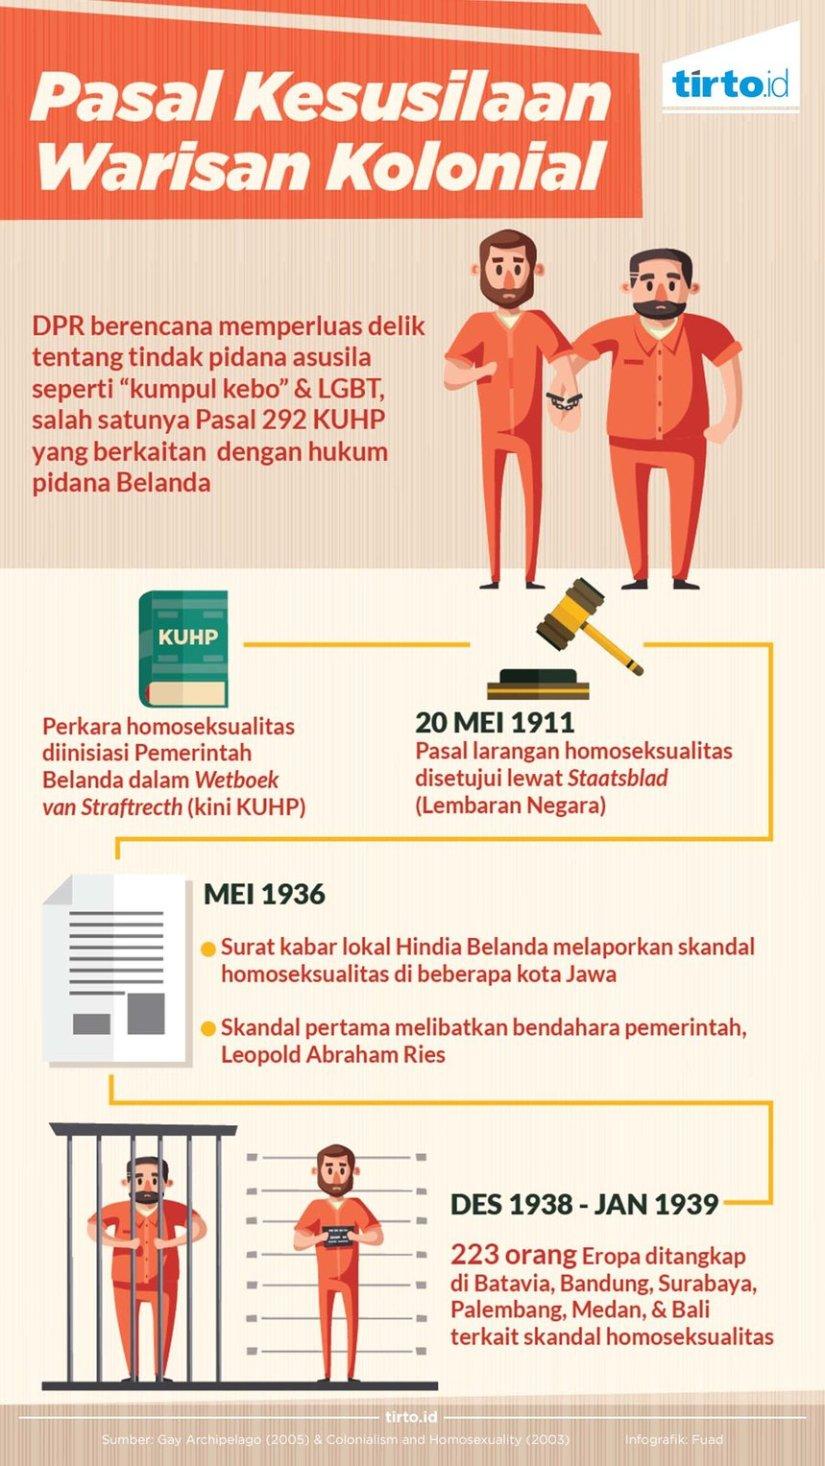 pasal-kesusilaan-warisan-kolonial-mild-fuad